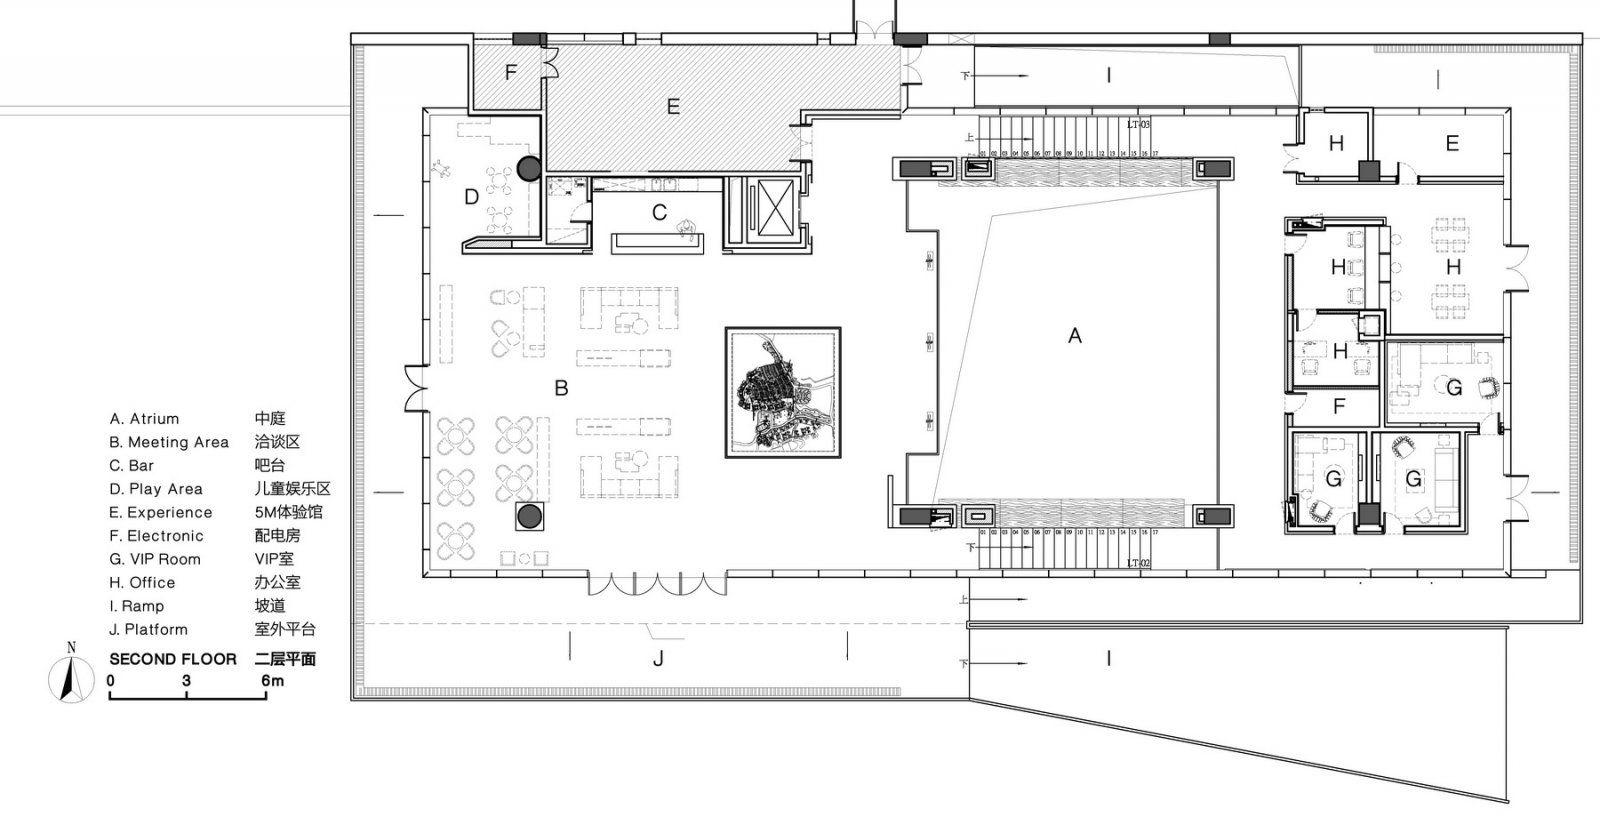 叙事·梧州美的城市展厅 | 共生形态设计|彭征 - 36